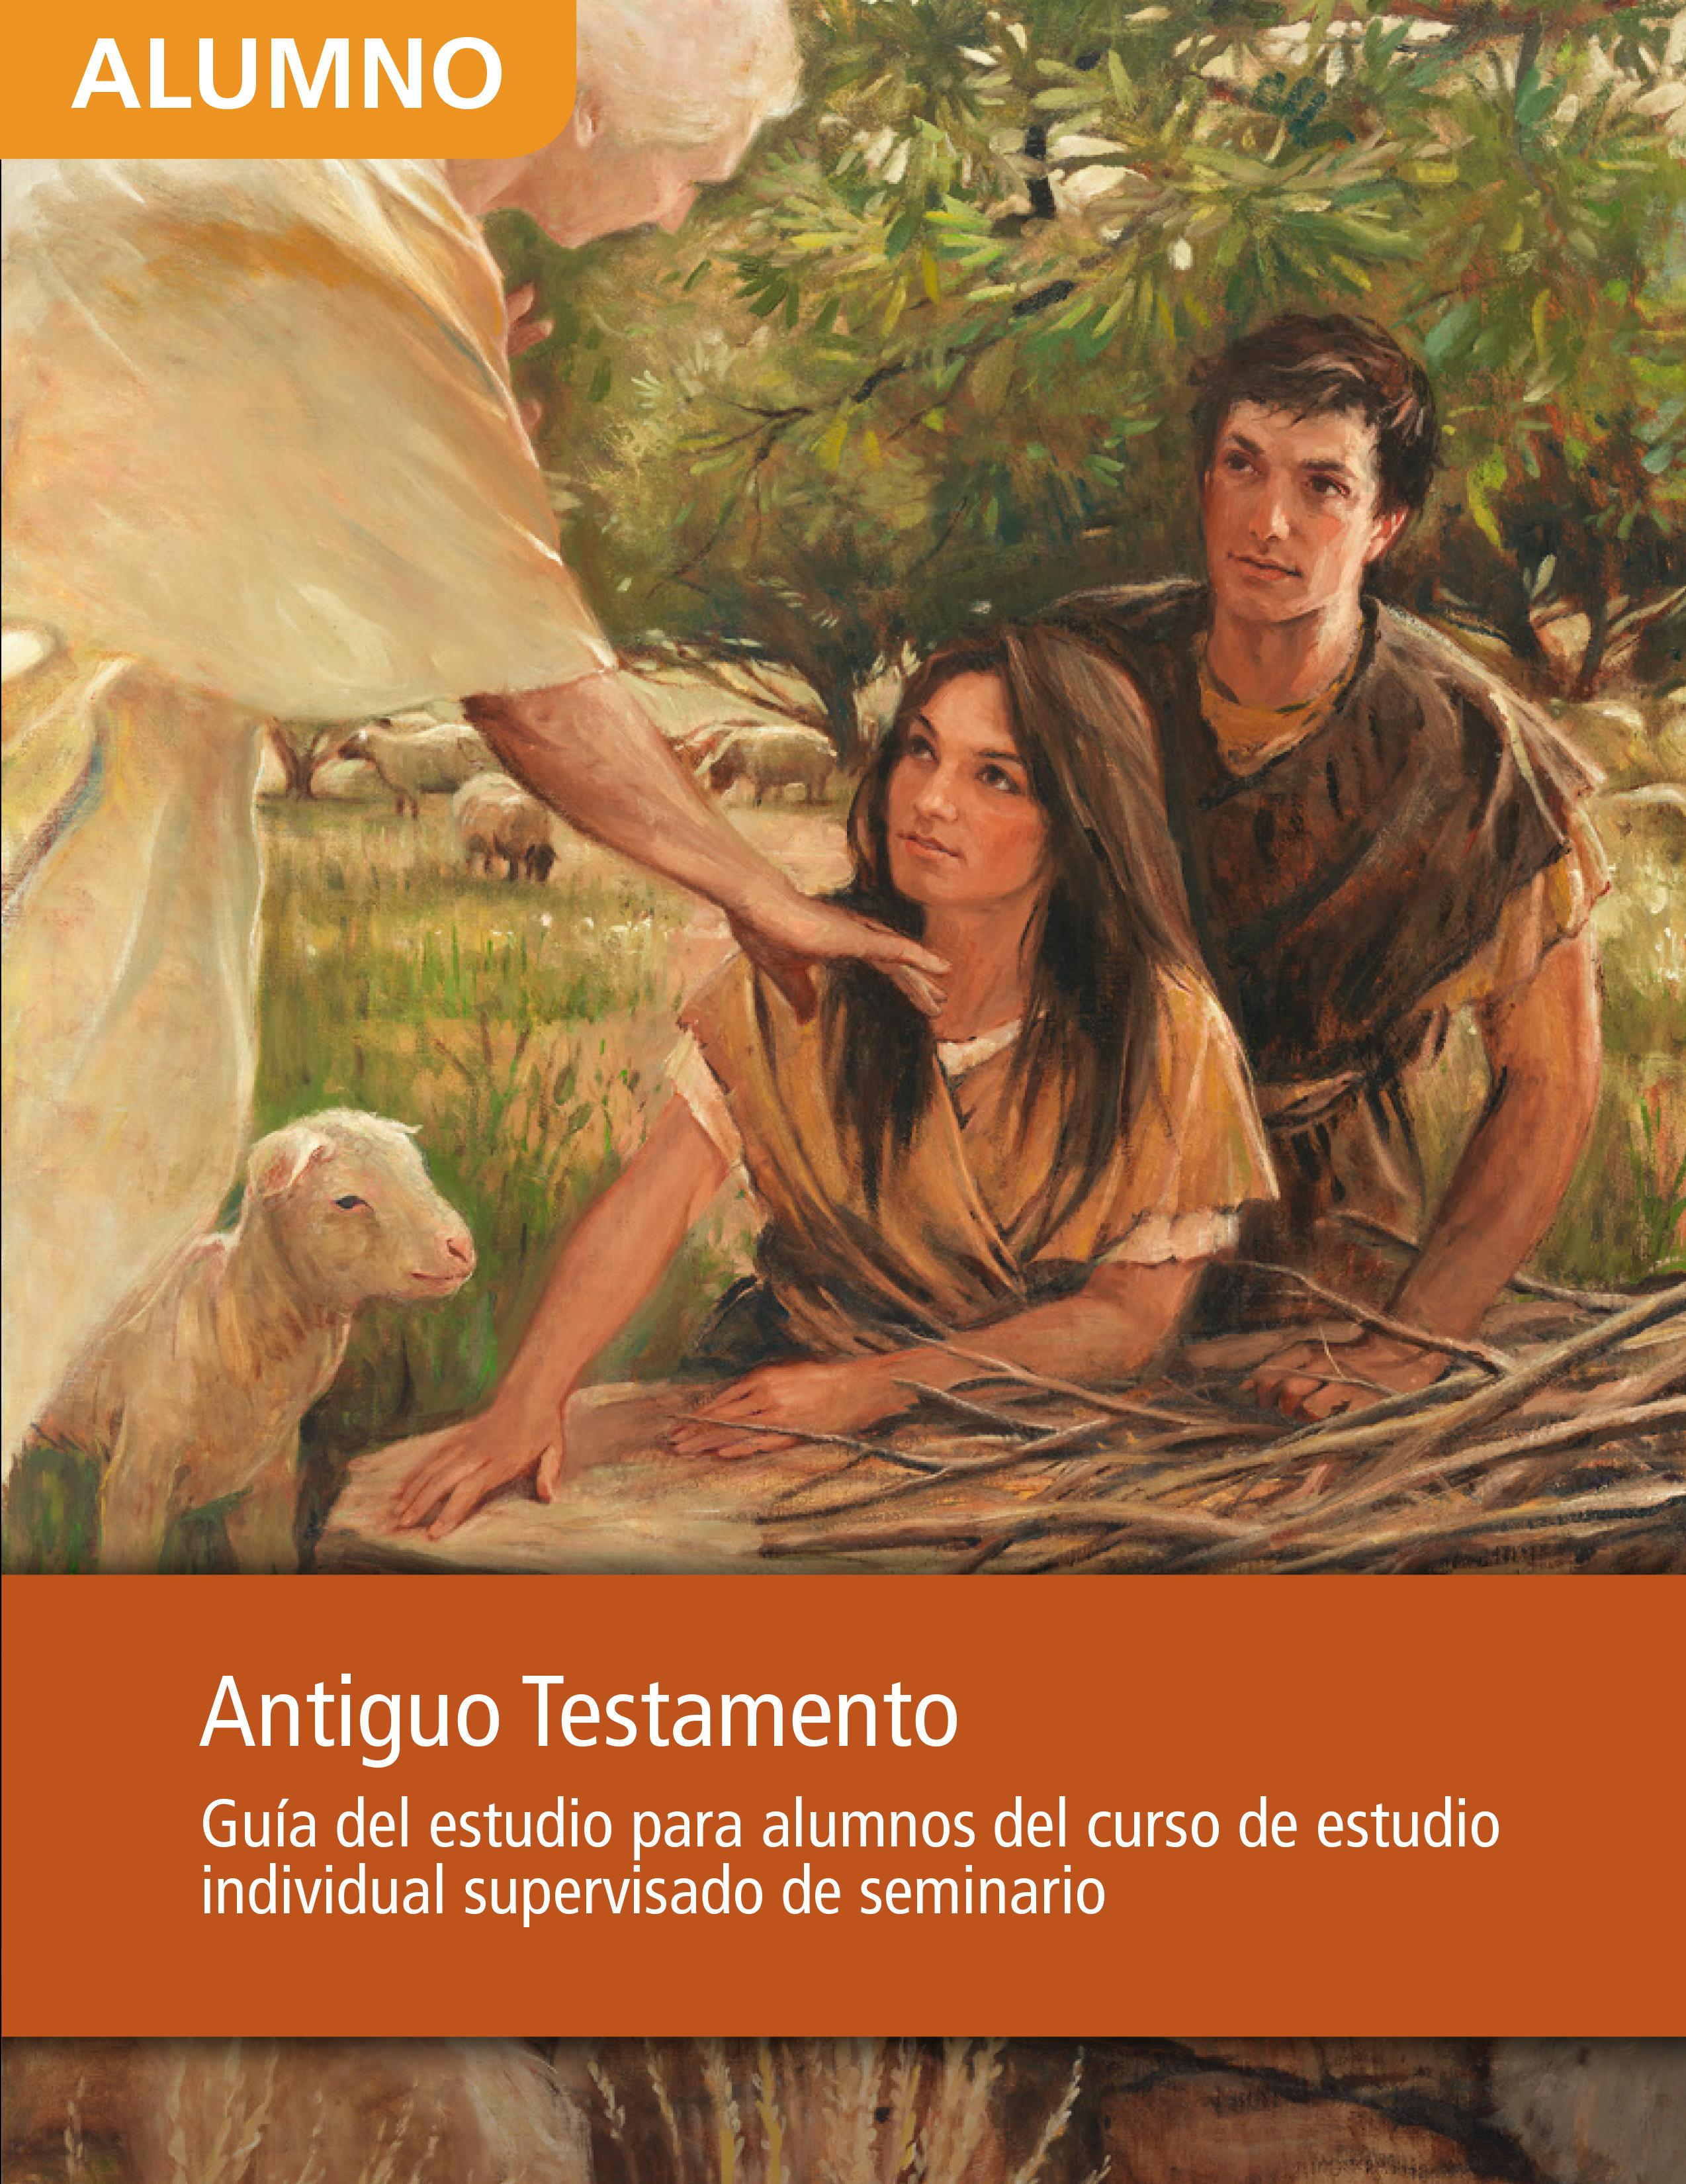 Guía de estudio del Antiguo Testamento para alumnos del curso de estudio individual supervisado de Seminario